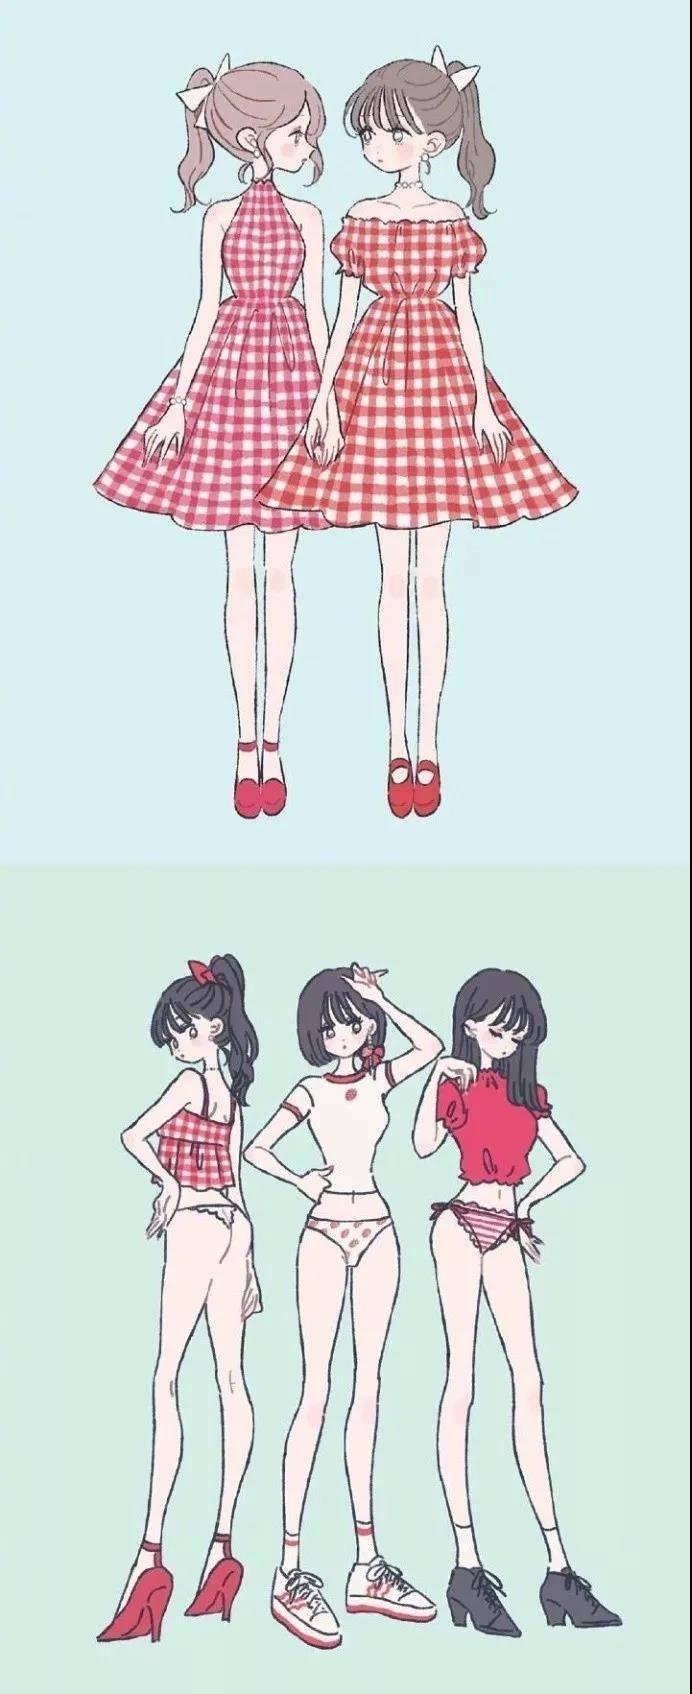 动漫中女生人物绘画技巧——少女篇,再也不怕是小萝莉